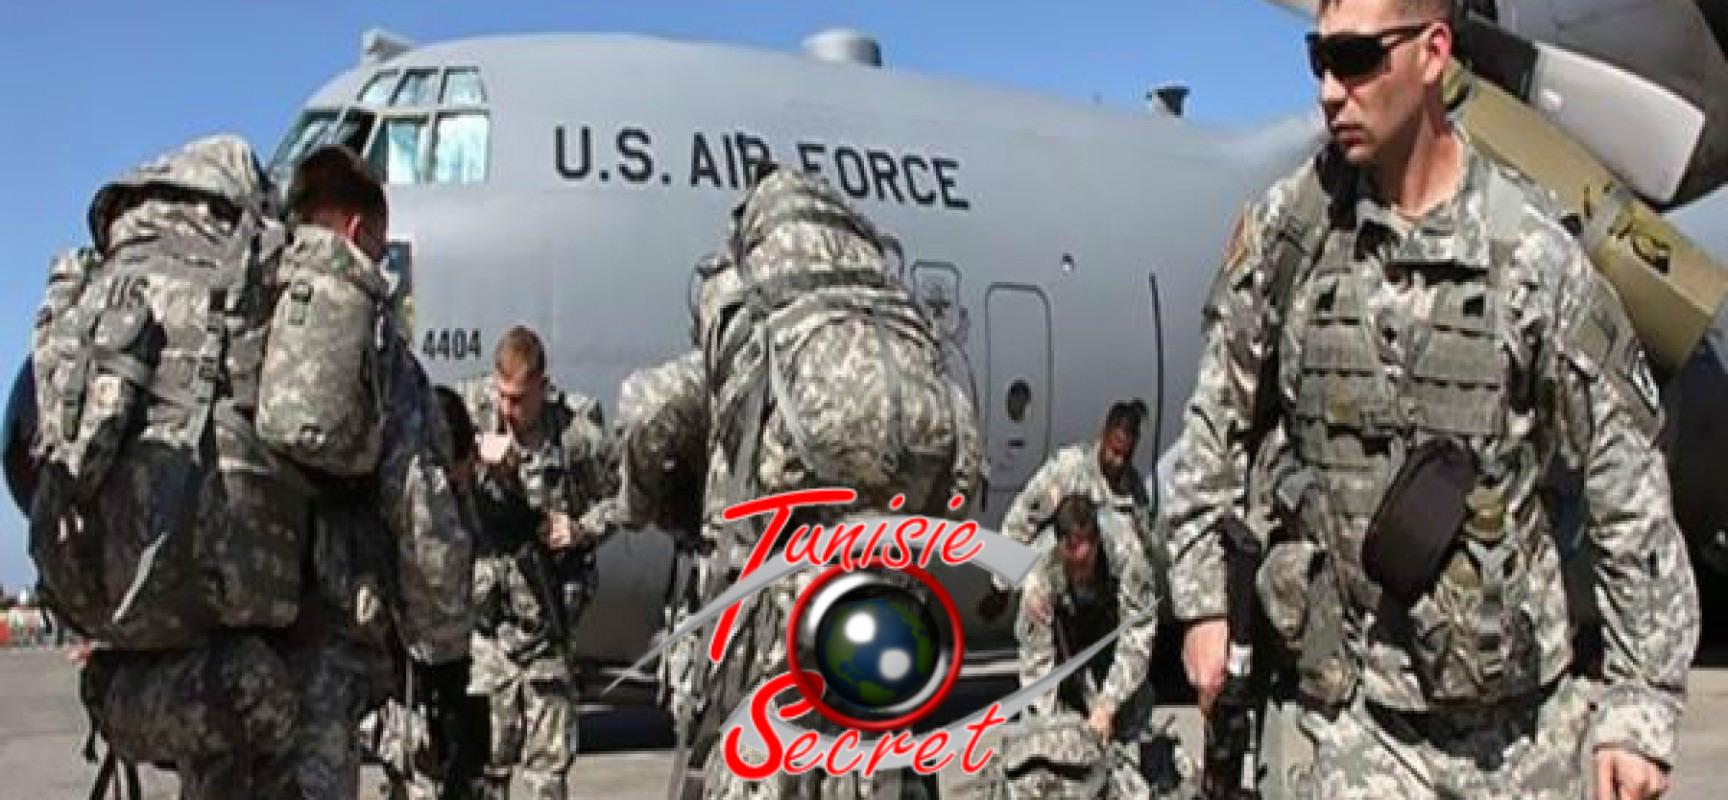 Agression sexuelle dans une base militaire américaine en Tunisie